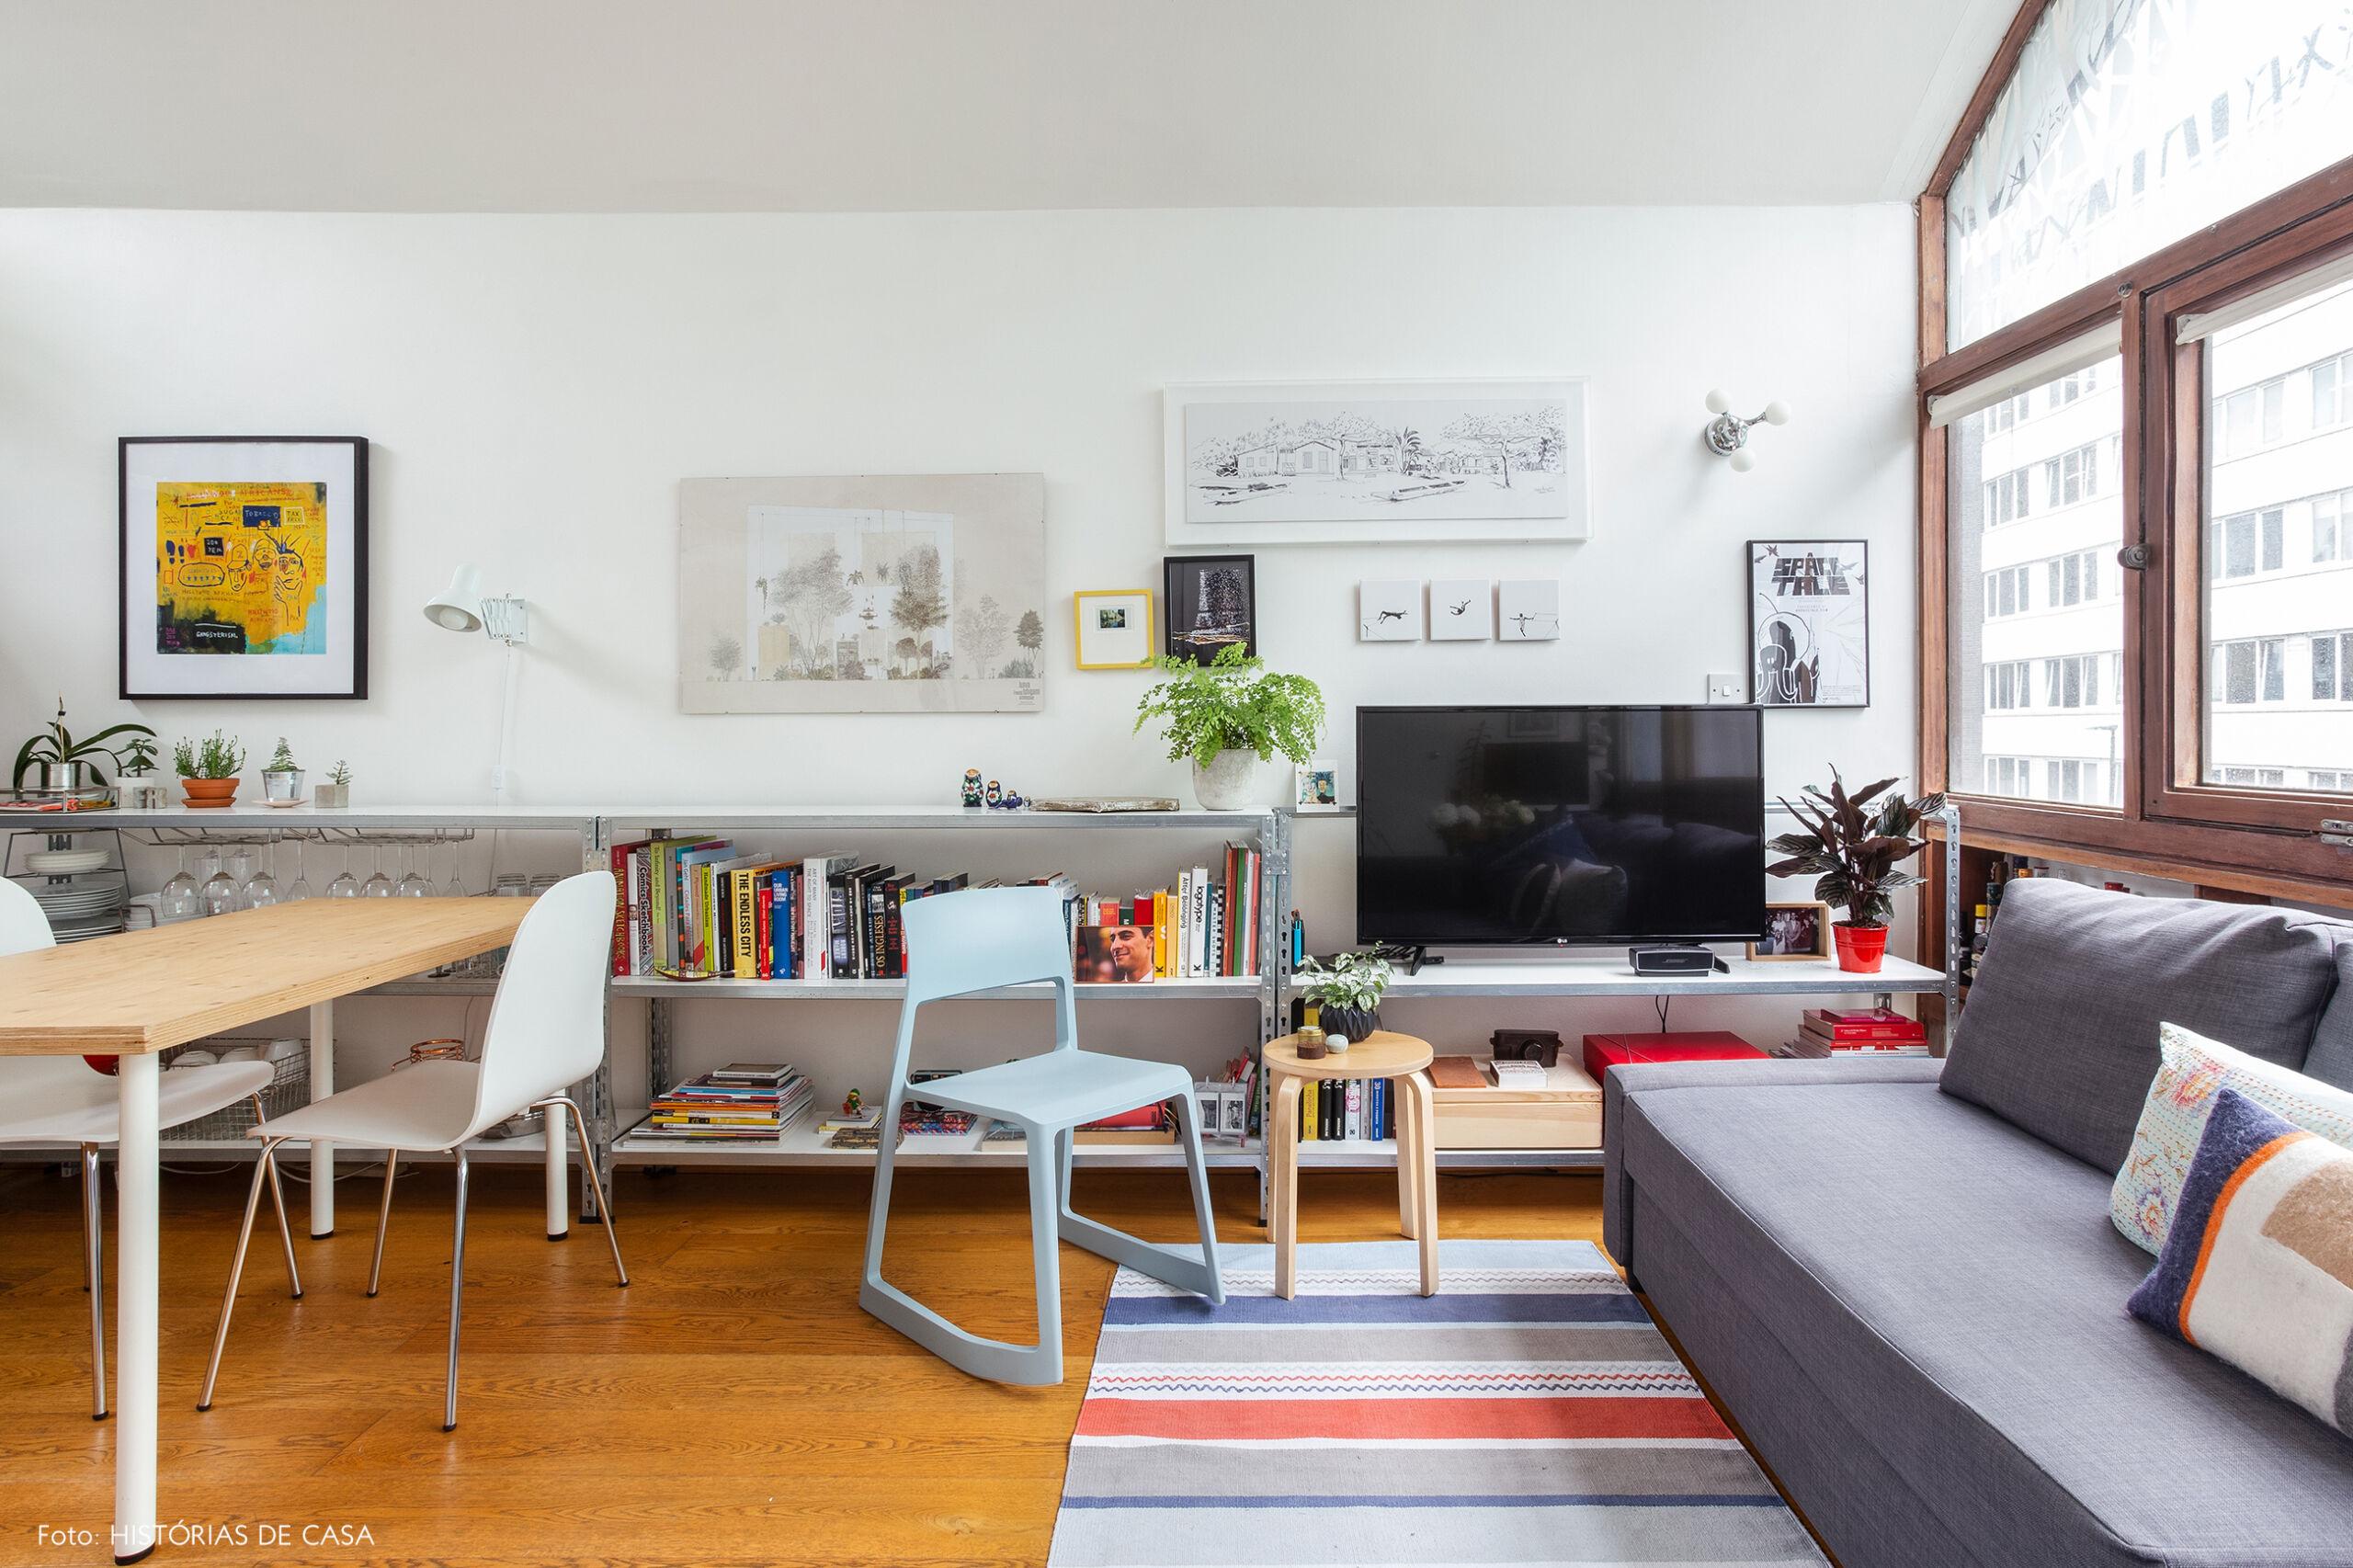 08-decoracao-apartamento-pequeno-estantes-metalicas-como-rack